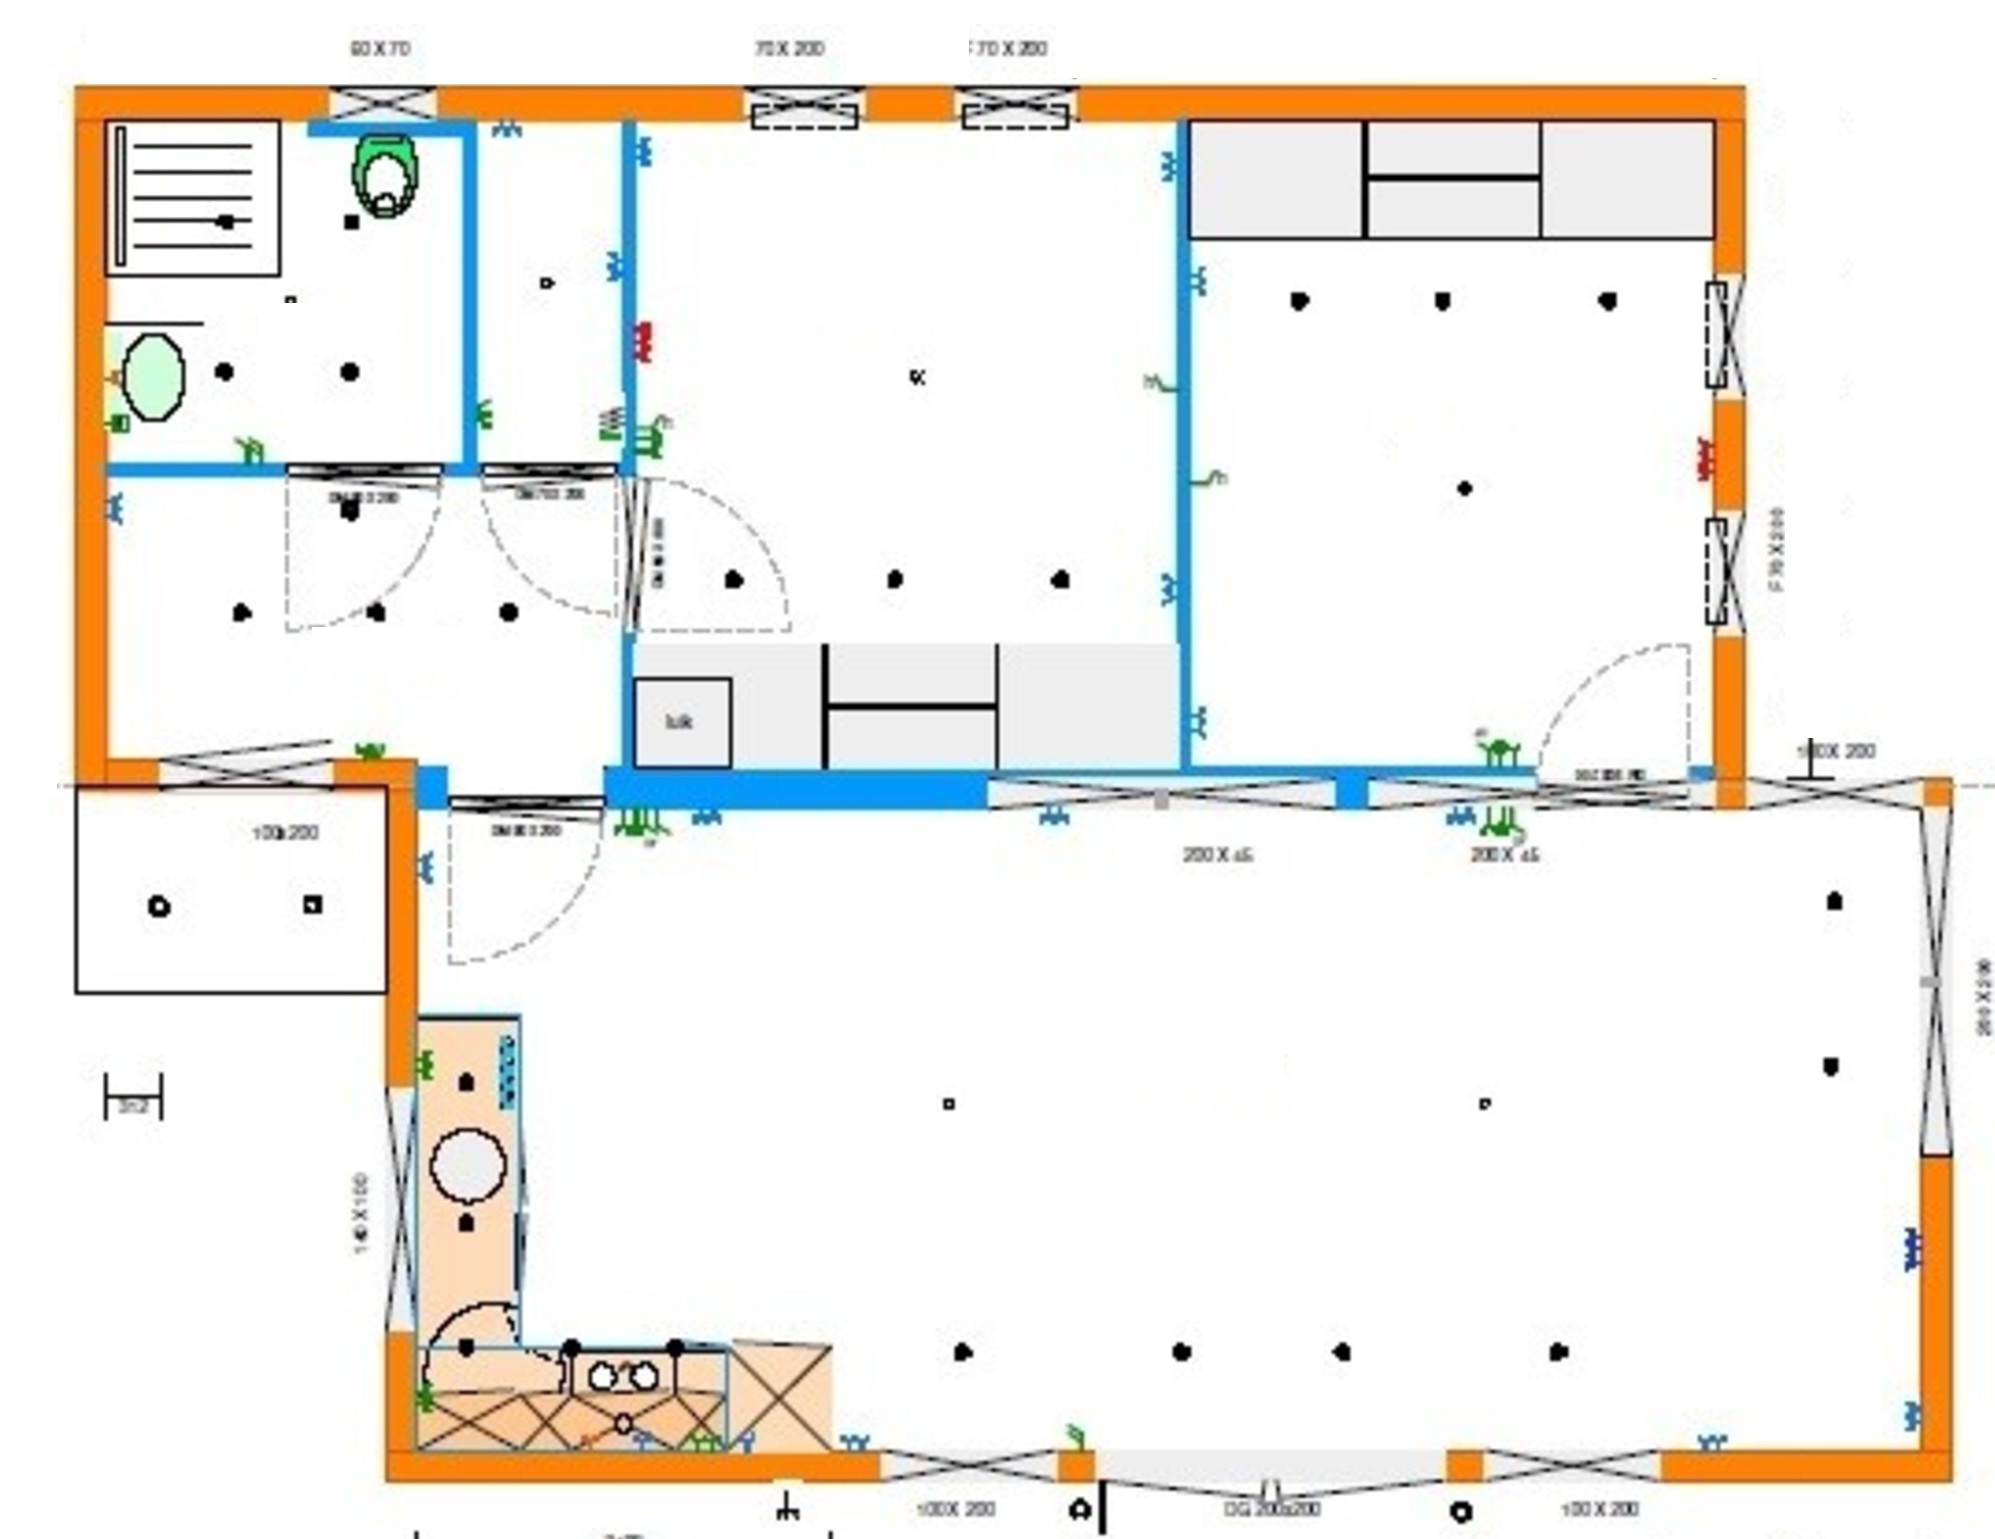 Grundrissentwurf EcoSun 75 qm 8,00 12,50 m